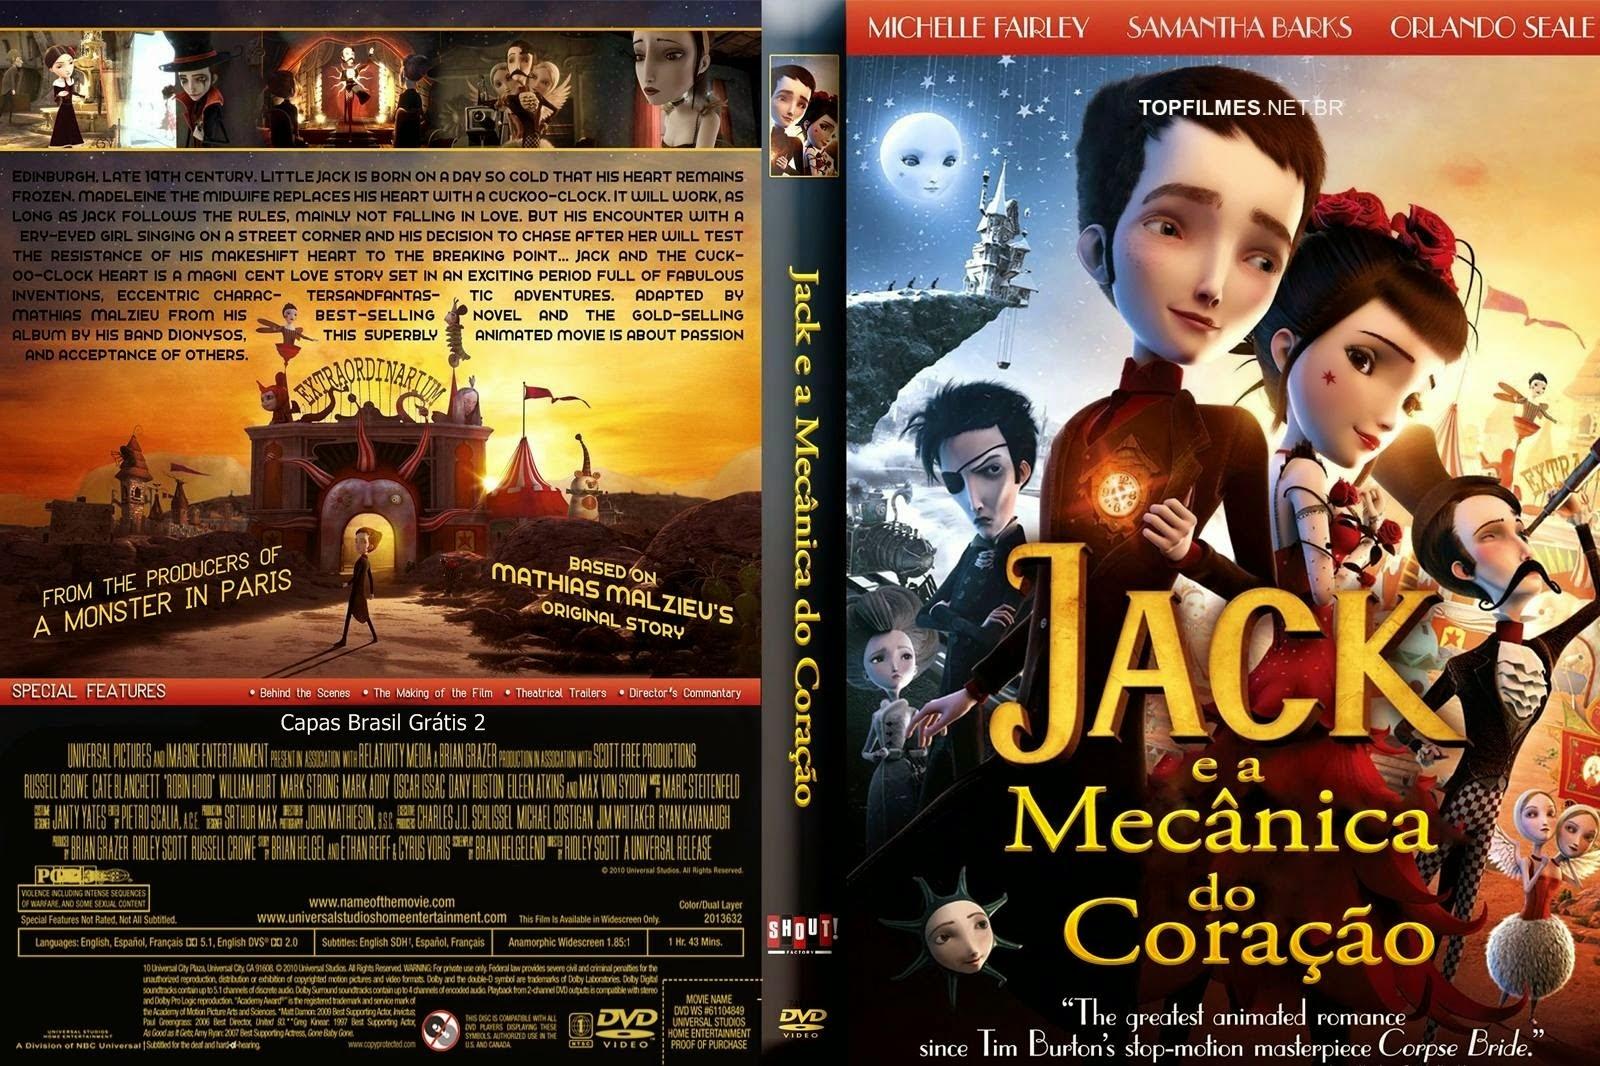 Jack e o Coração Mecânico DVDRip XviD Dual Áudio jack 2Be 2Ba 2Bmec C3 A2nica 2Bdo 2Bcora C3 A7 C3 A3o